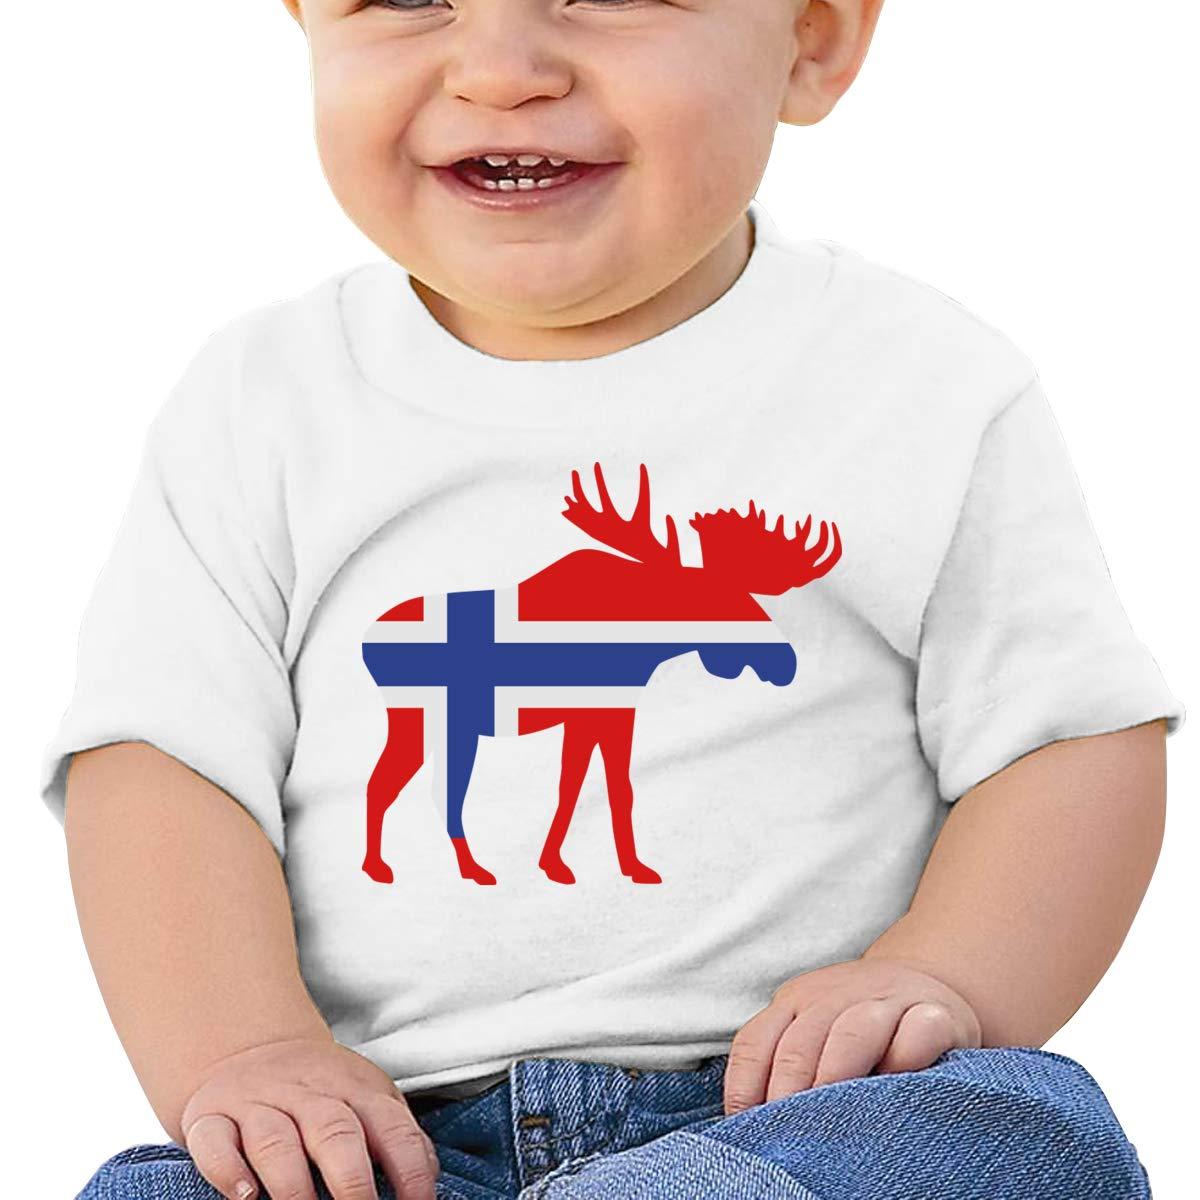 Qiop Nee Iceland Moose Flag Short Sleeve Tee Baby Boys